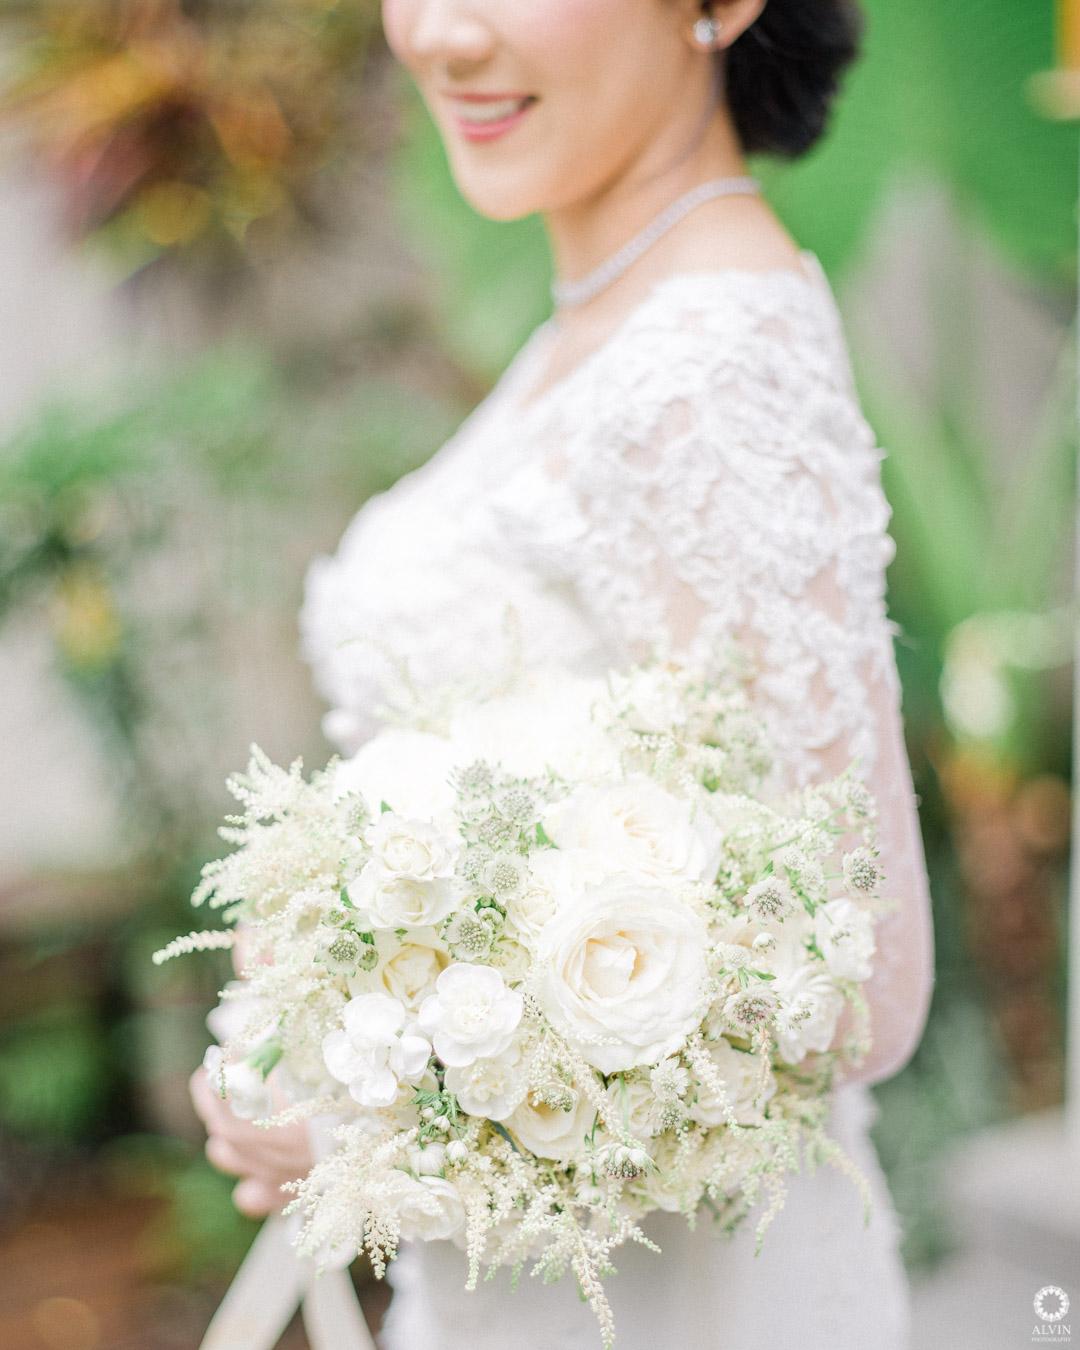 DSCF0964 : Dinda & Gonzaga Wedding